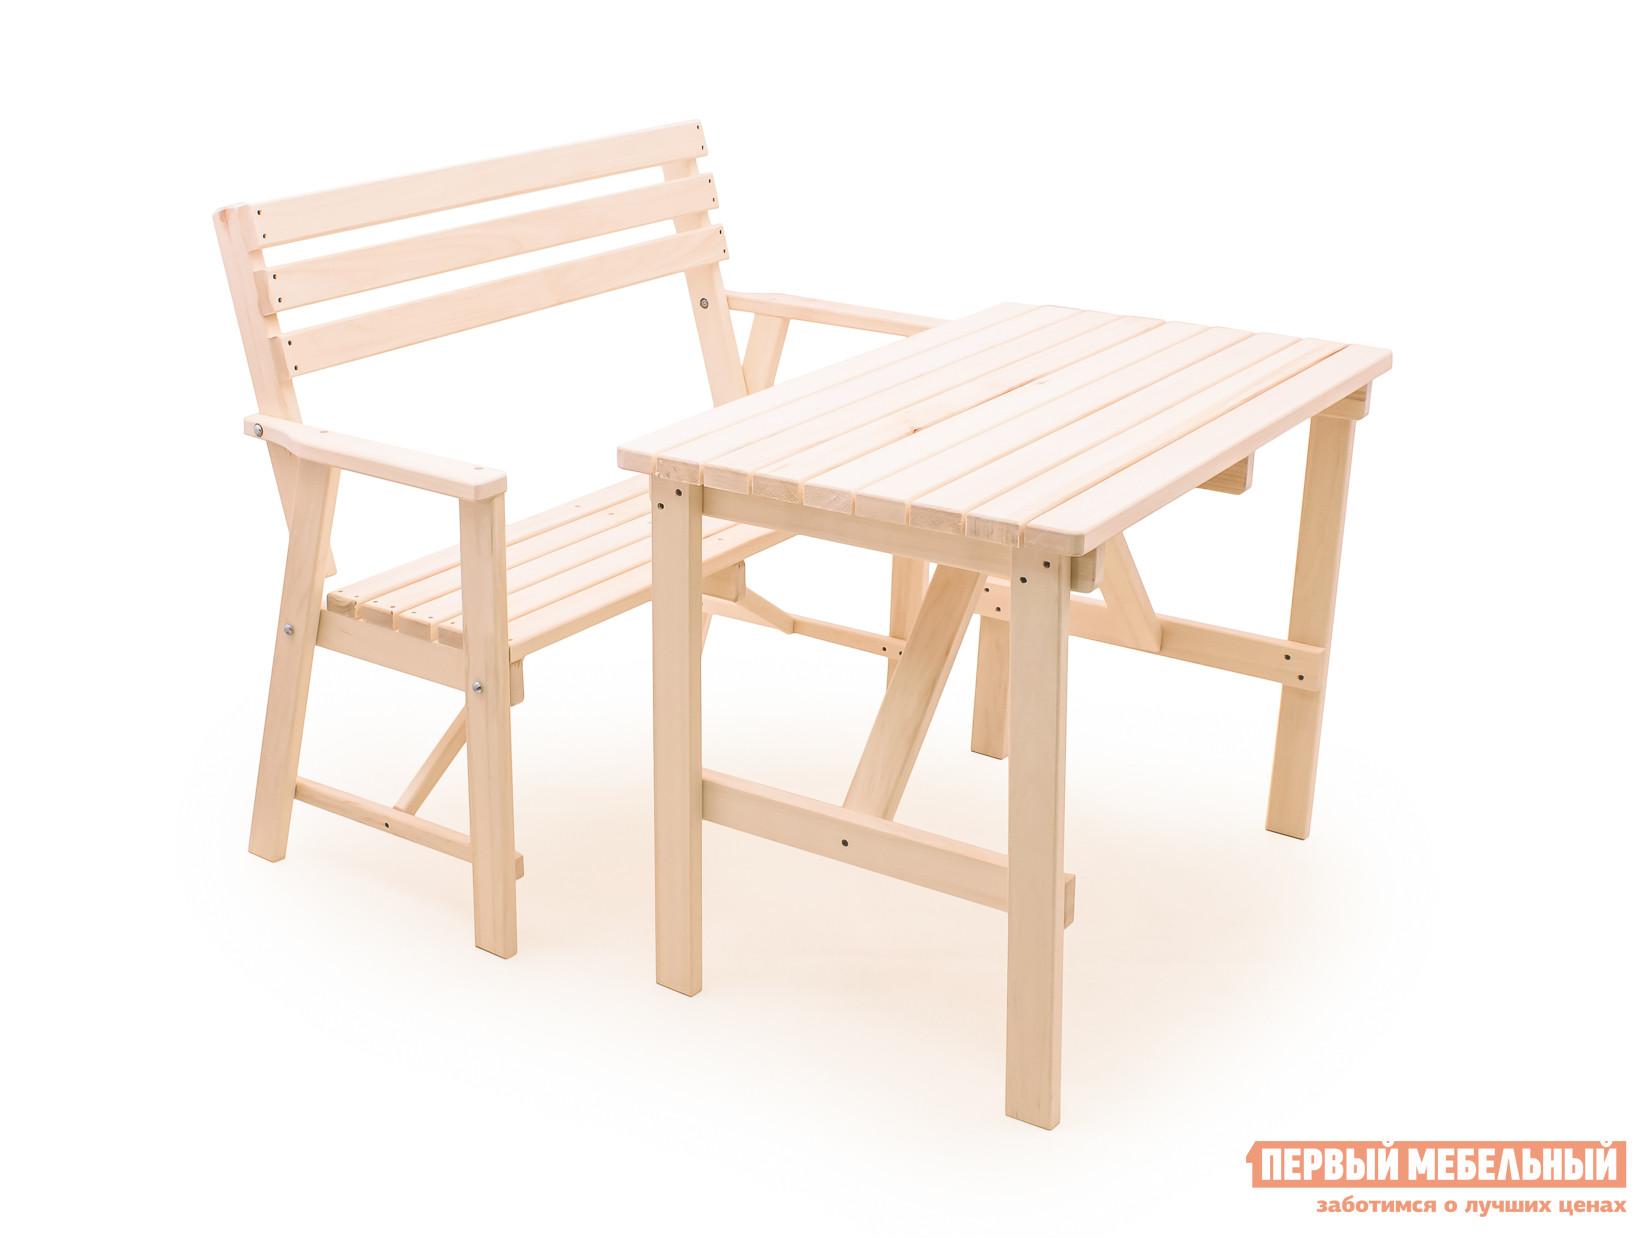 Комплект садовой мебели СМКА Веранда-1 Осина от Купистол